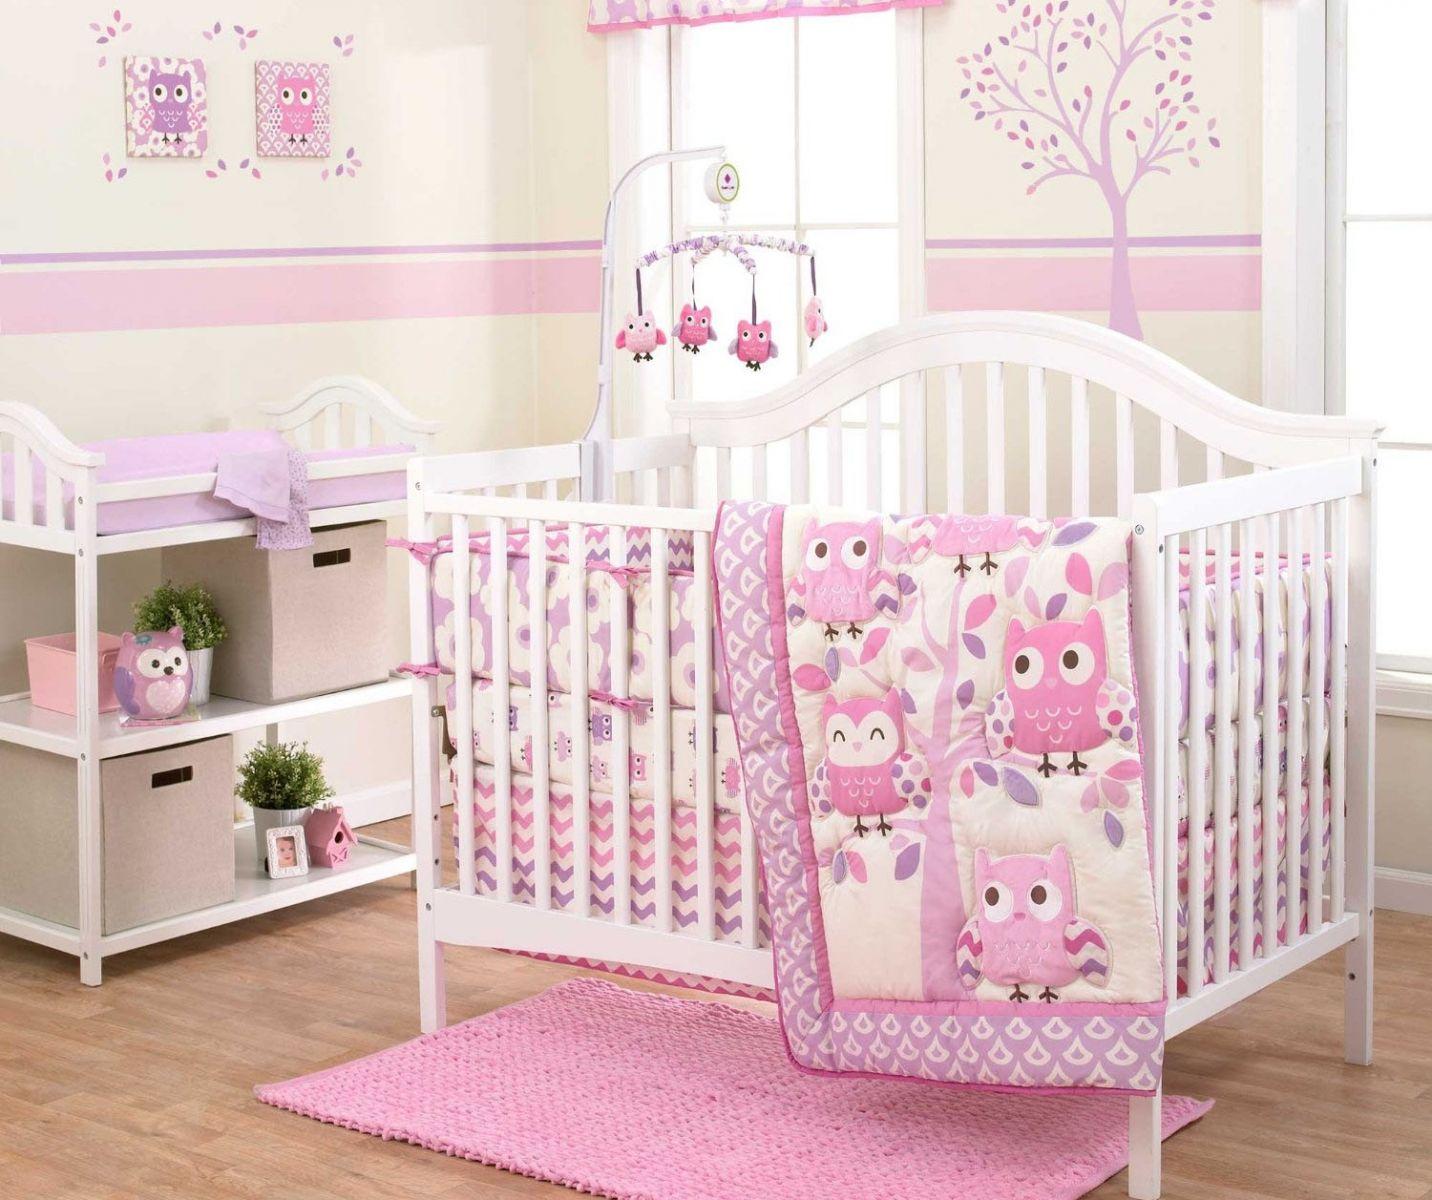 Đệm của giường cũi trẻ em cần phải phẳng và mịn màng.